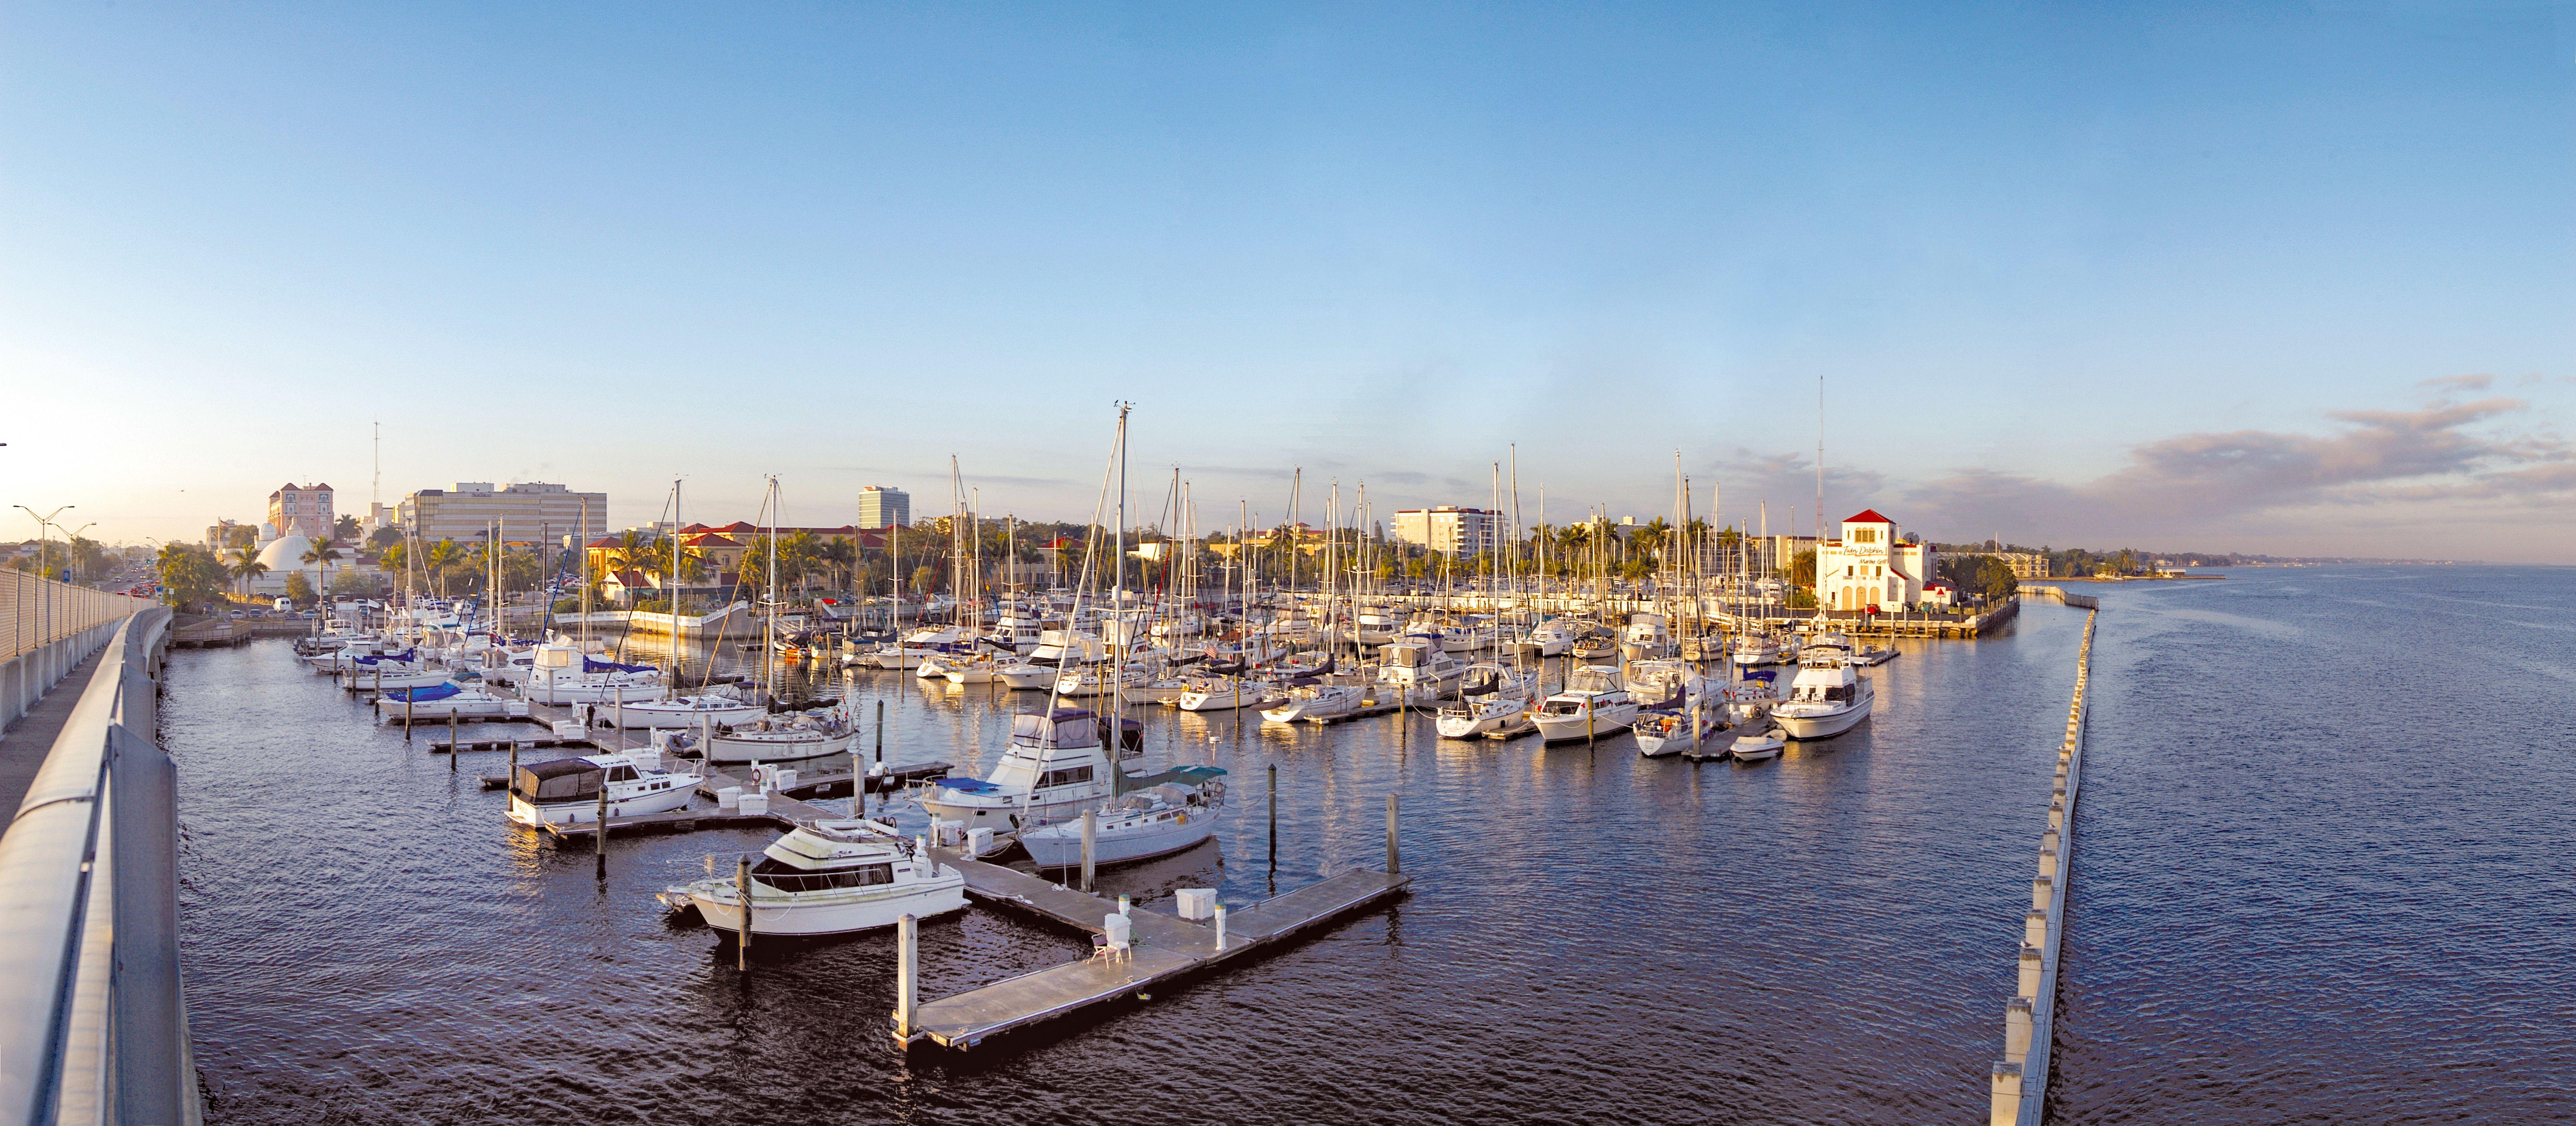 Blick auf einen Hafen in Bradenton, Florida